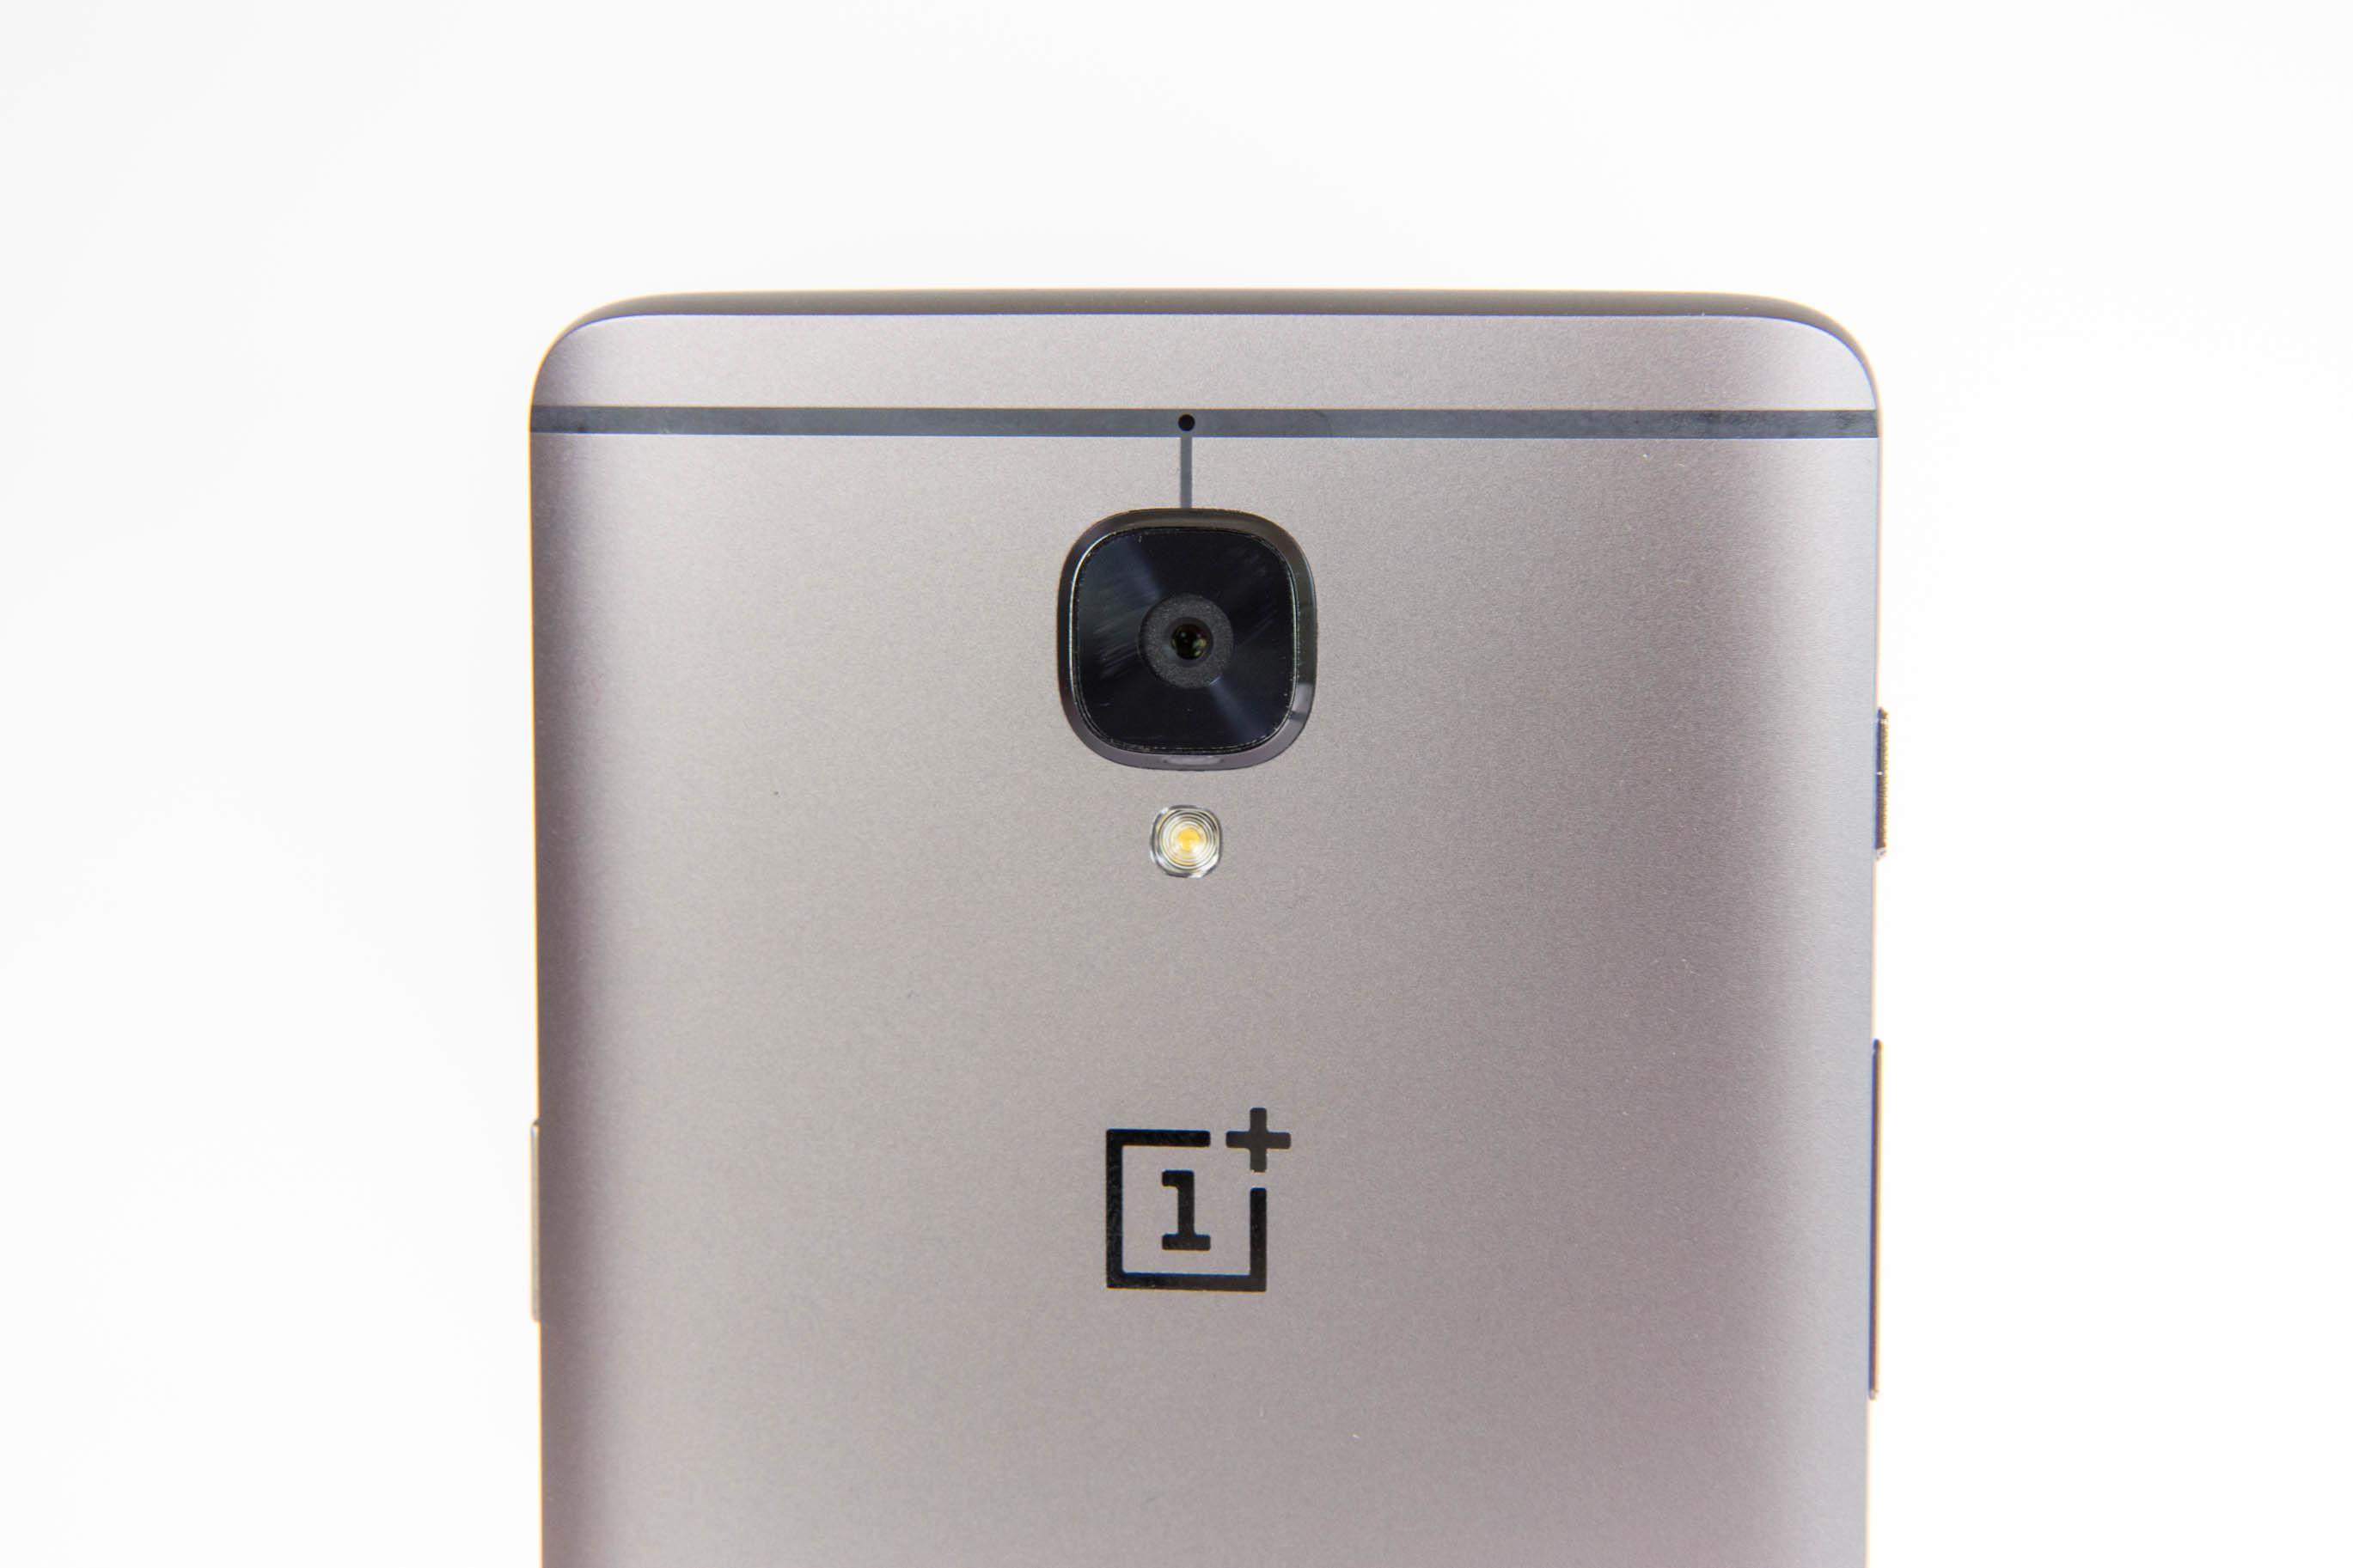 Smartphone: Oneplus 3T mit 128 GByte wird nicht zu Weihnachten geliefert - Als Hauptkamera kommt wieder ein 16-Megapixel-Modell zum Einsatz. (Bild: Martin Wolf/Golem.de)